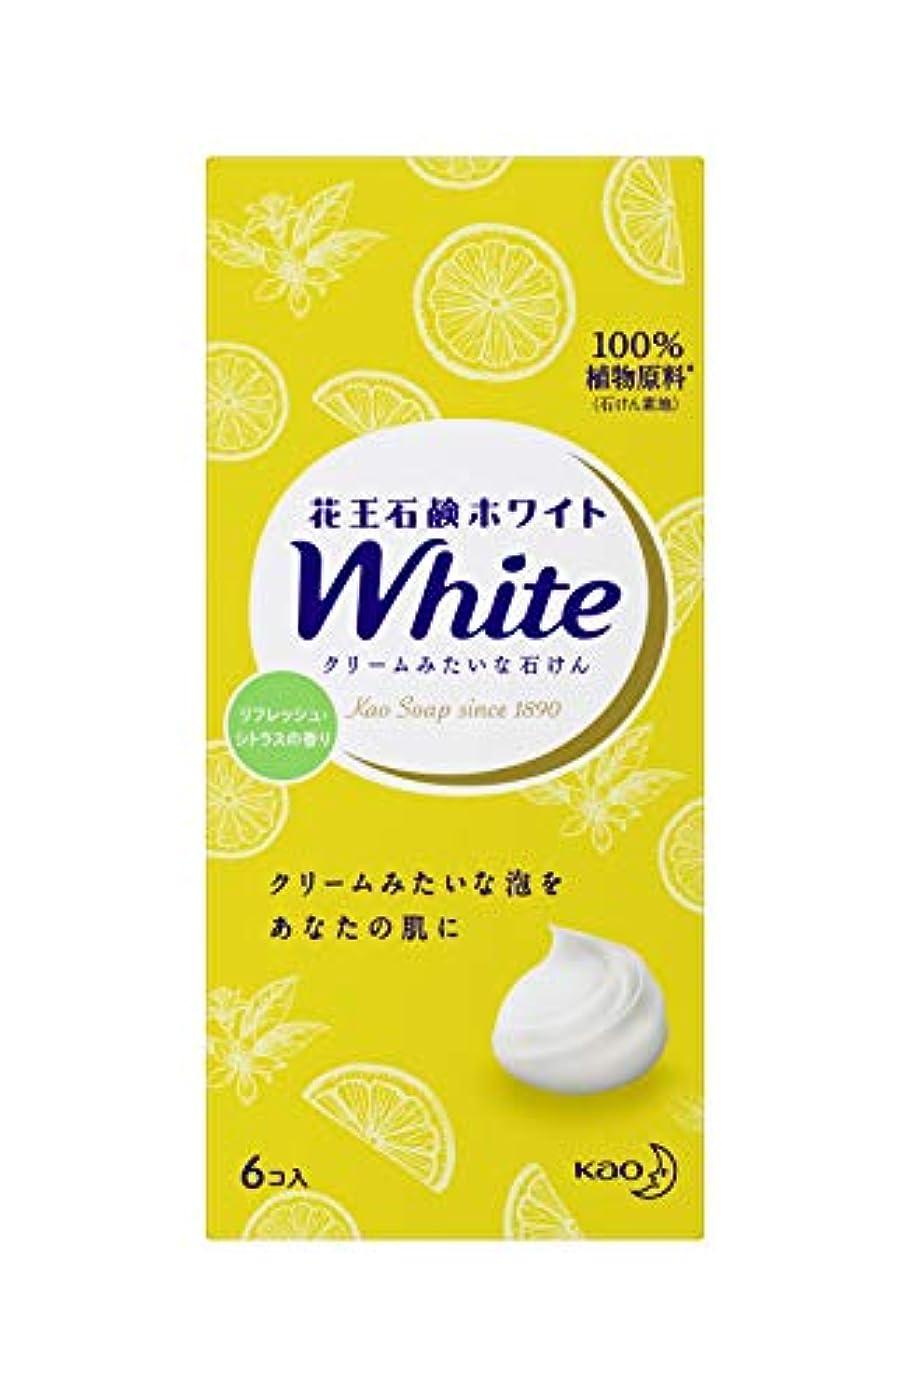 咽頭束抗議花王ホワイト リフレッシュシトラスの香り レギュラーサイズ6コ